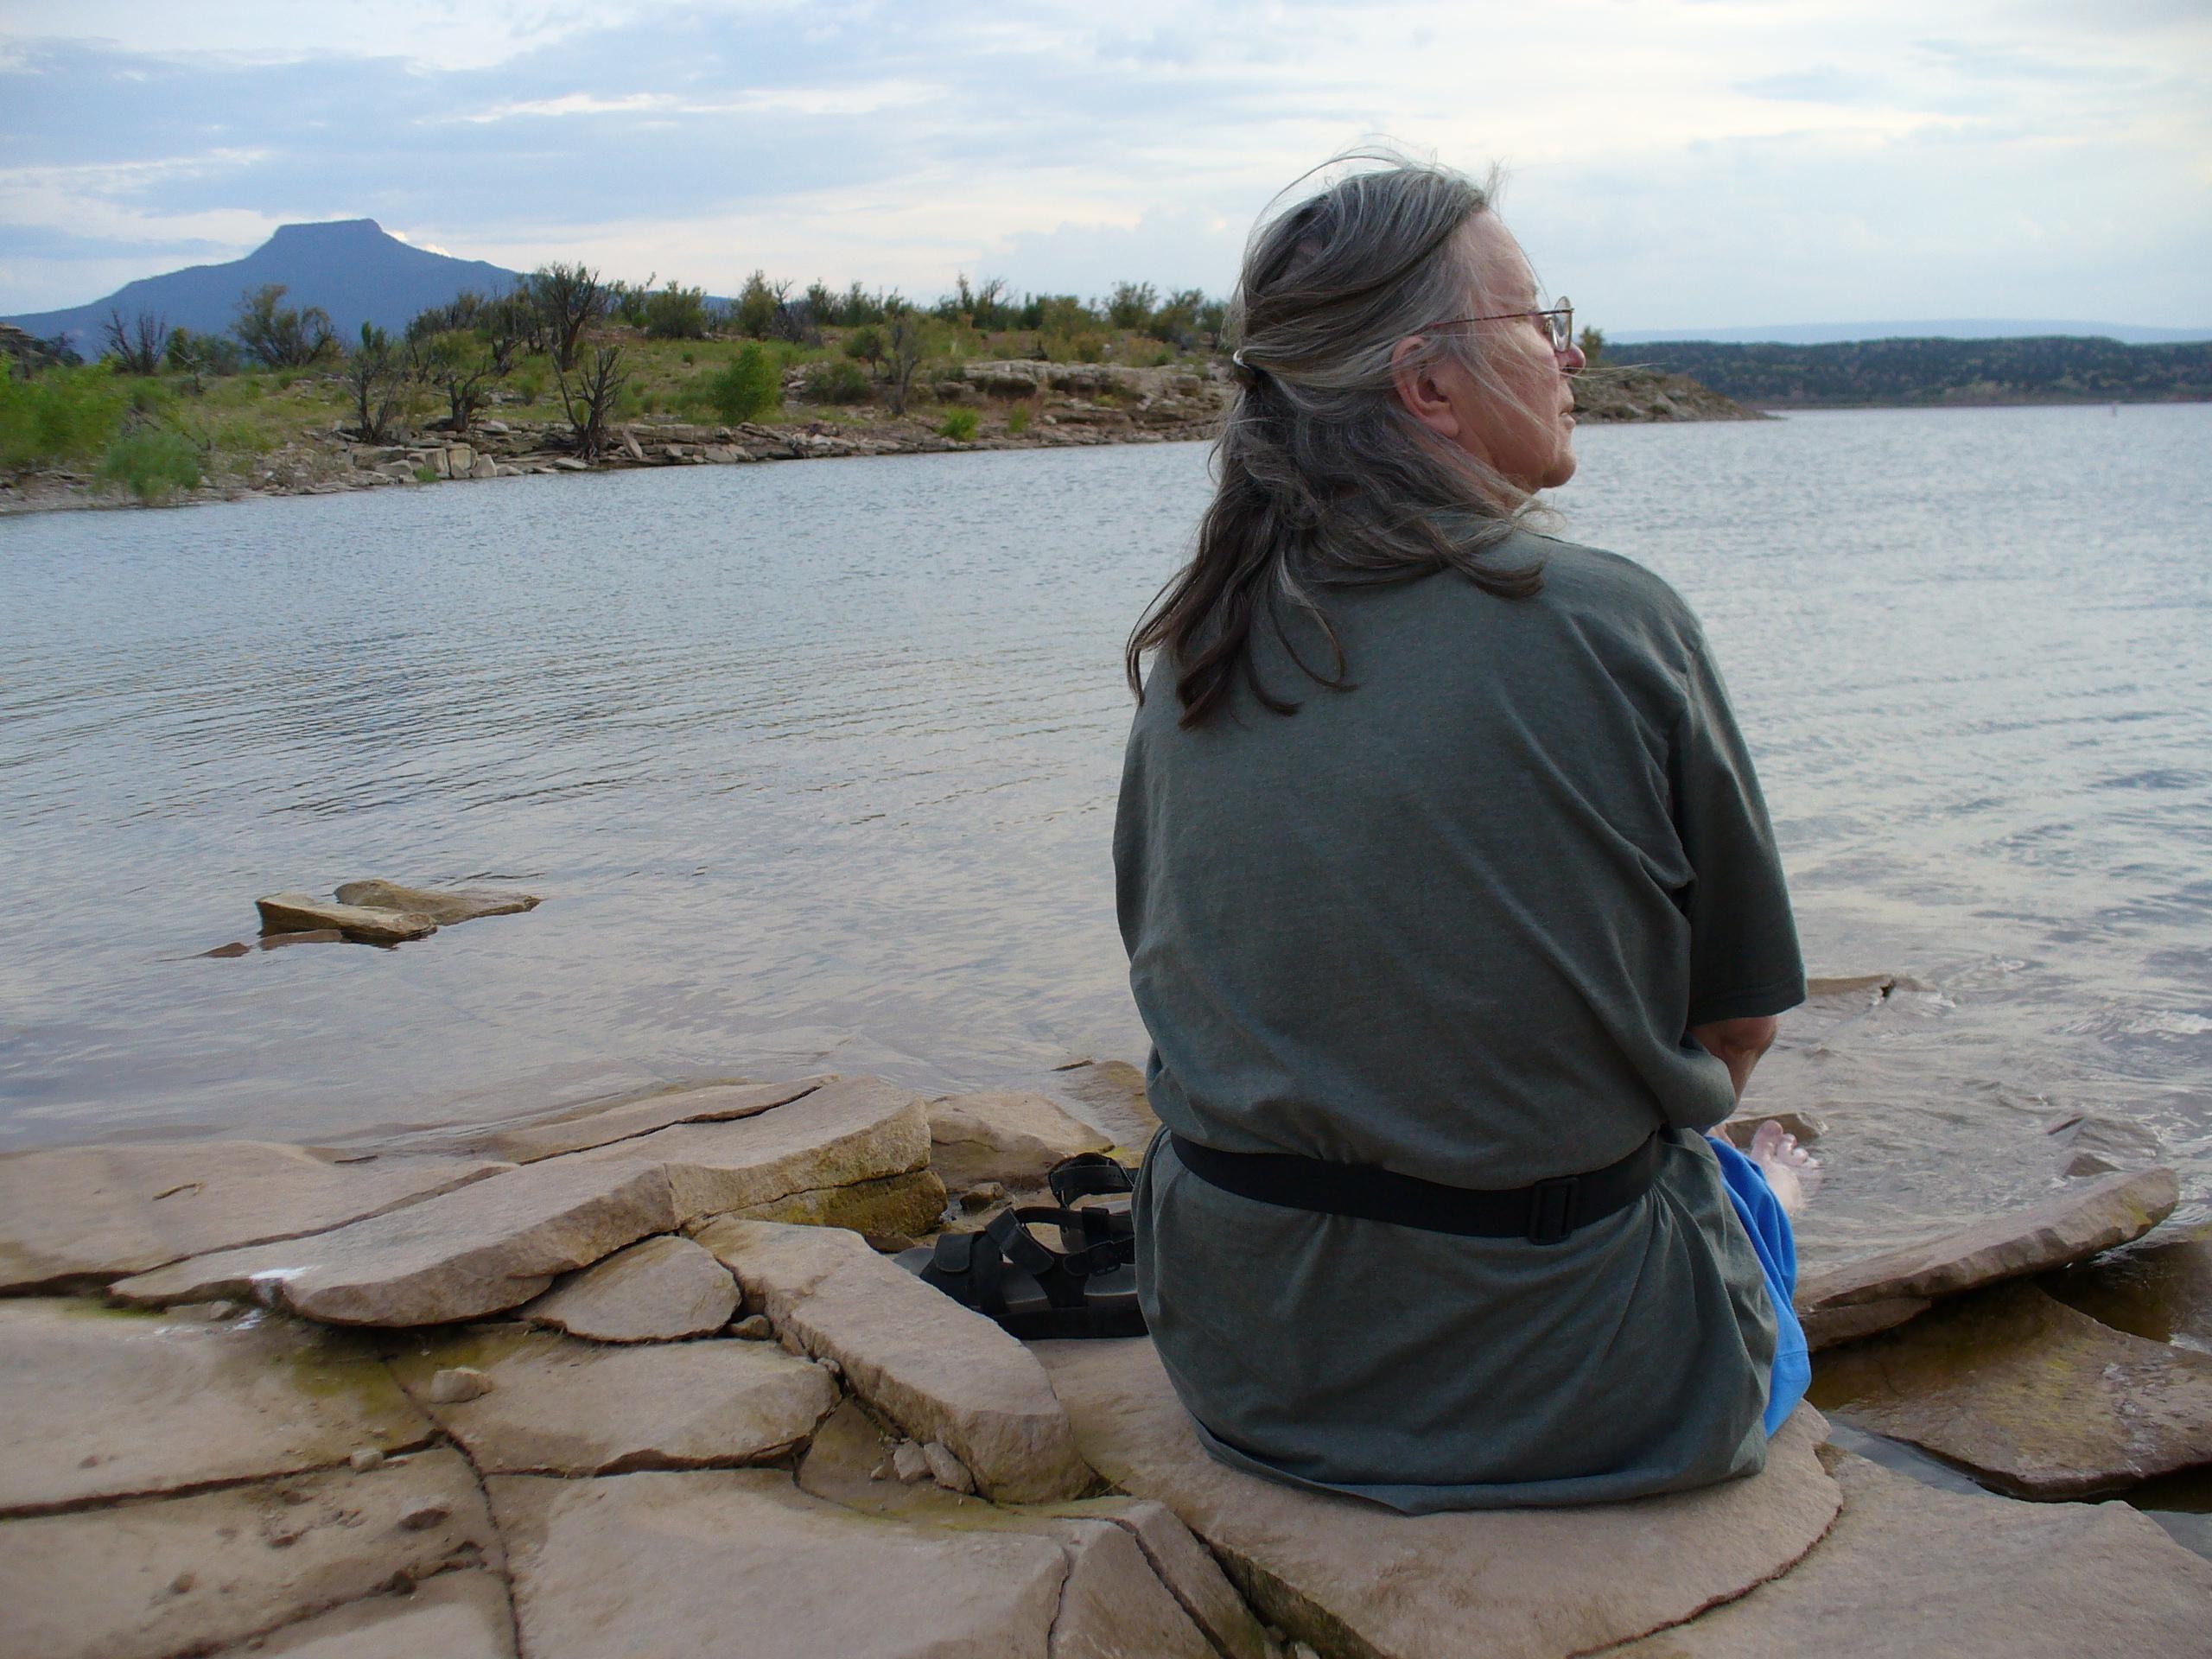 Glenda in New Mexico; C Robertson; OneAndAllWisdom.com CC2.0